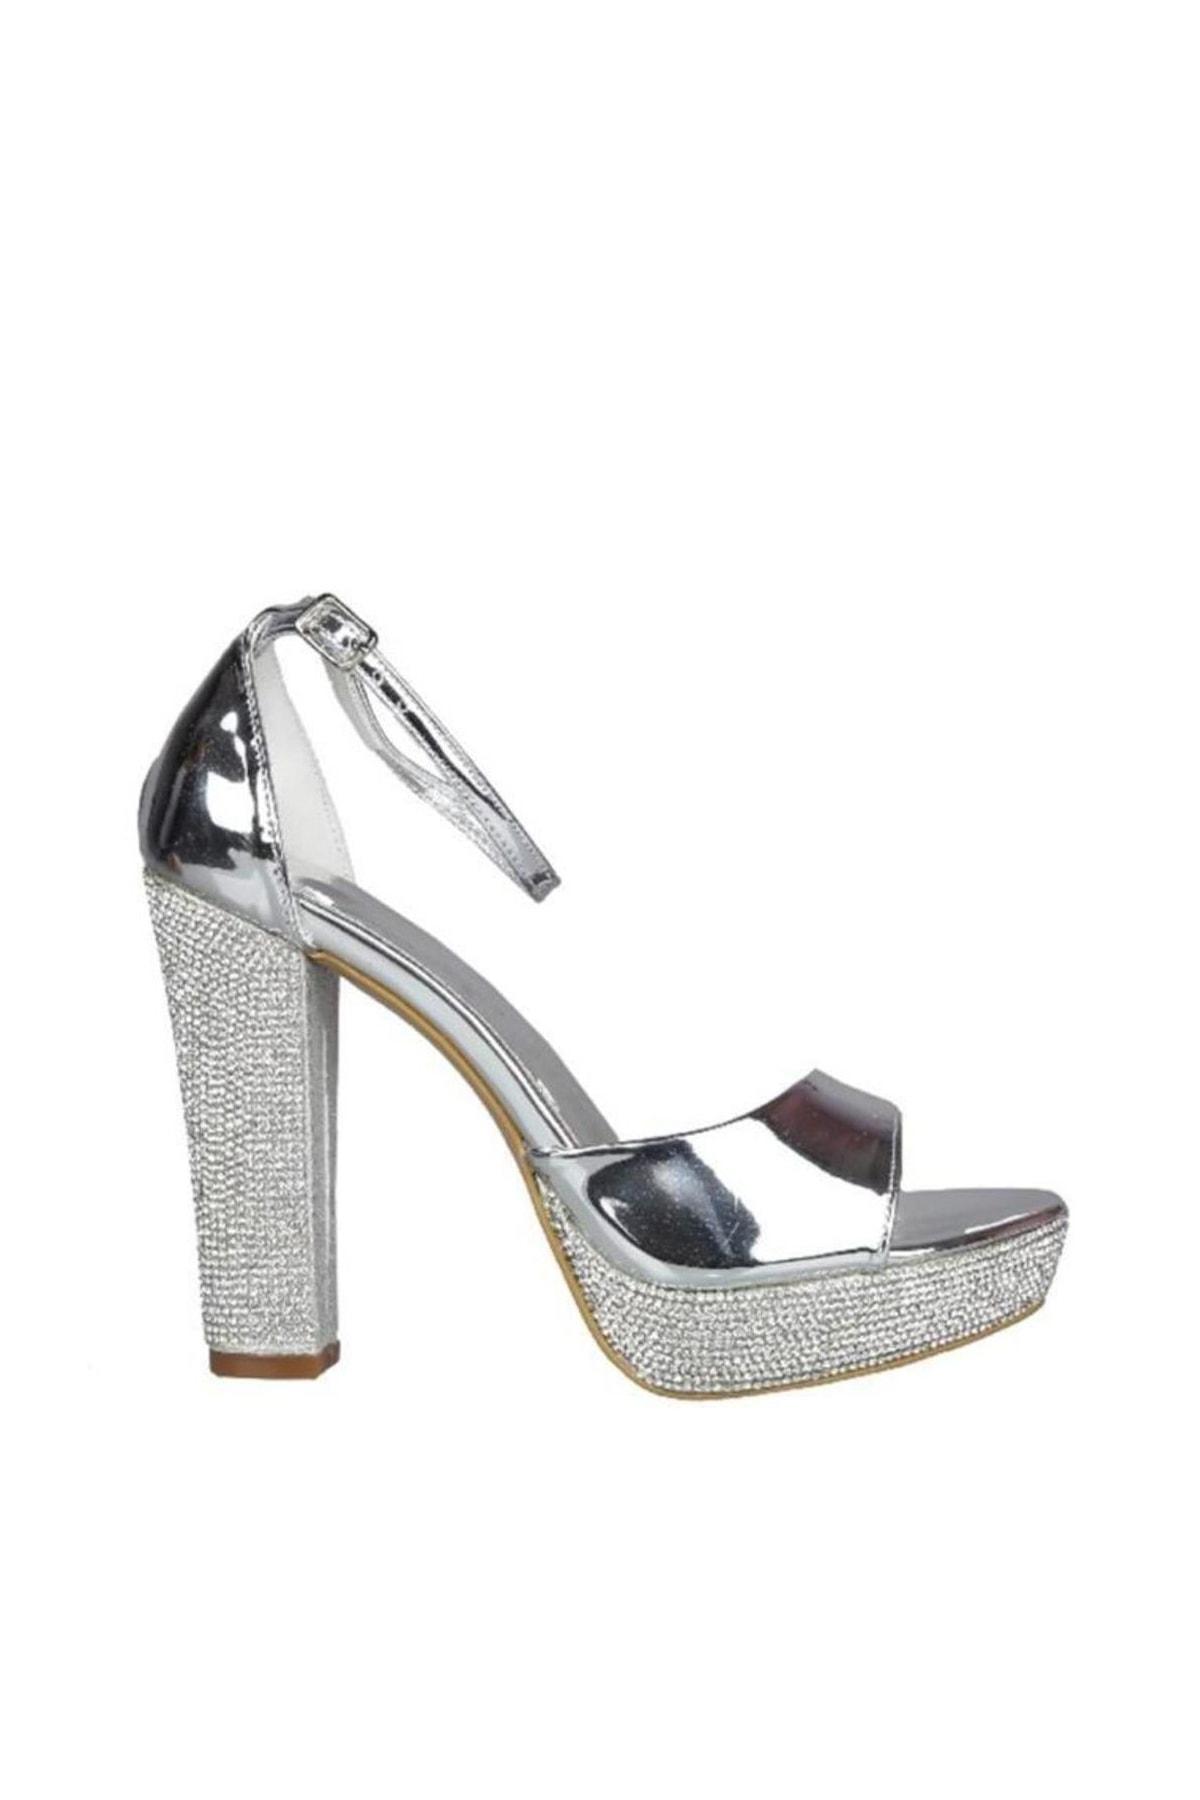 PUNTO Gumus Kadın Klasik Ayakkabı 19Y423B0032-46 1